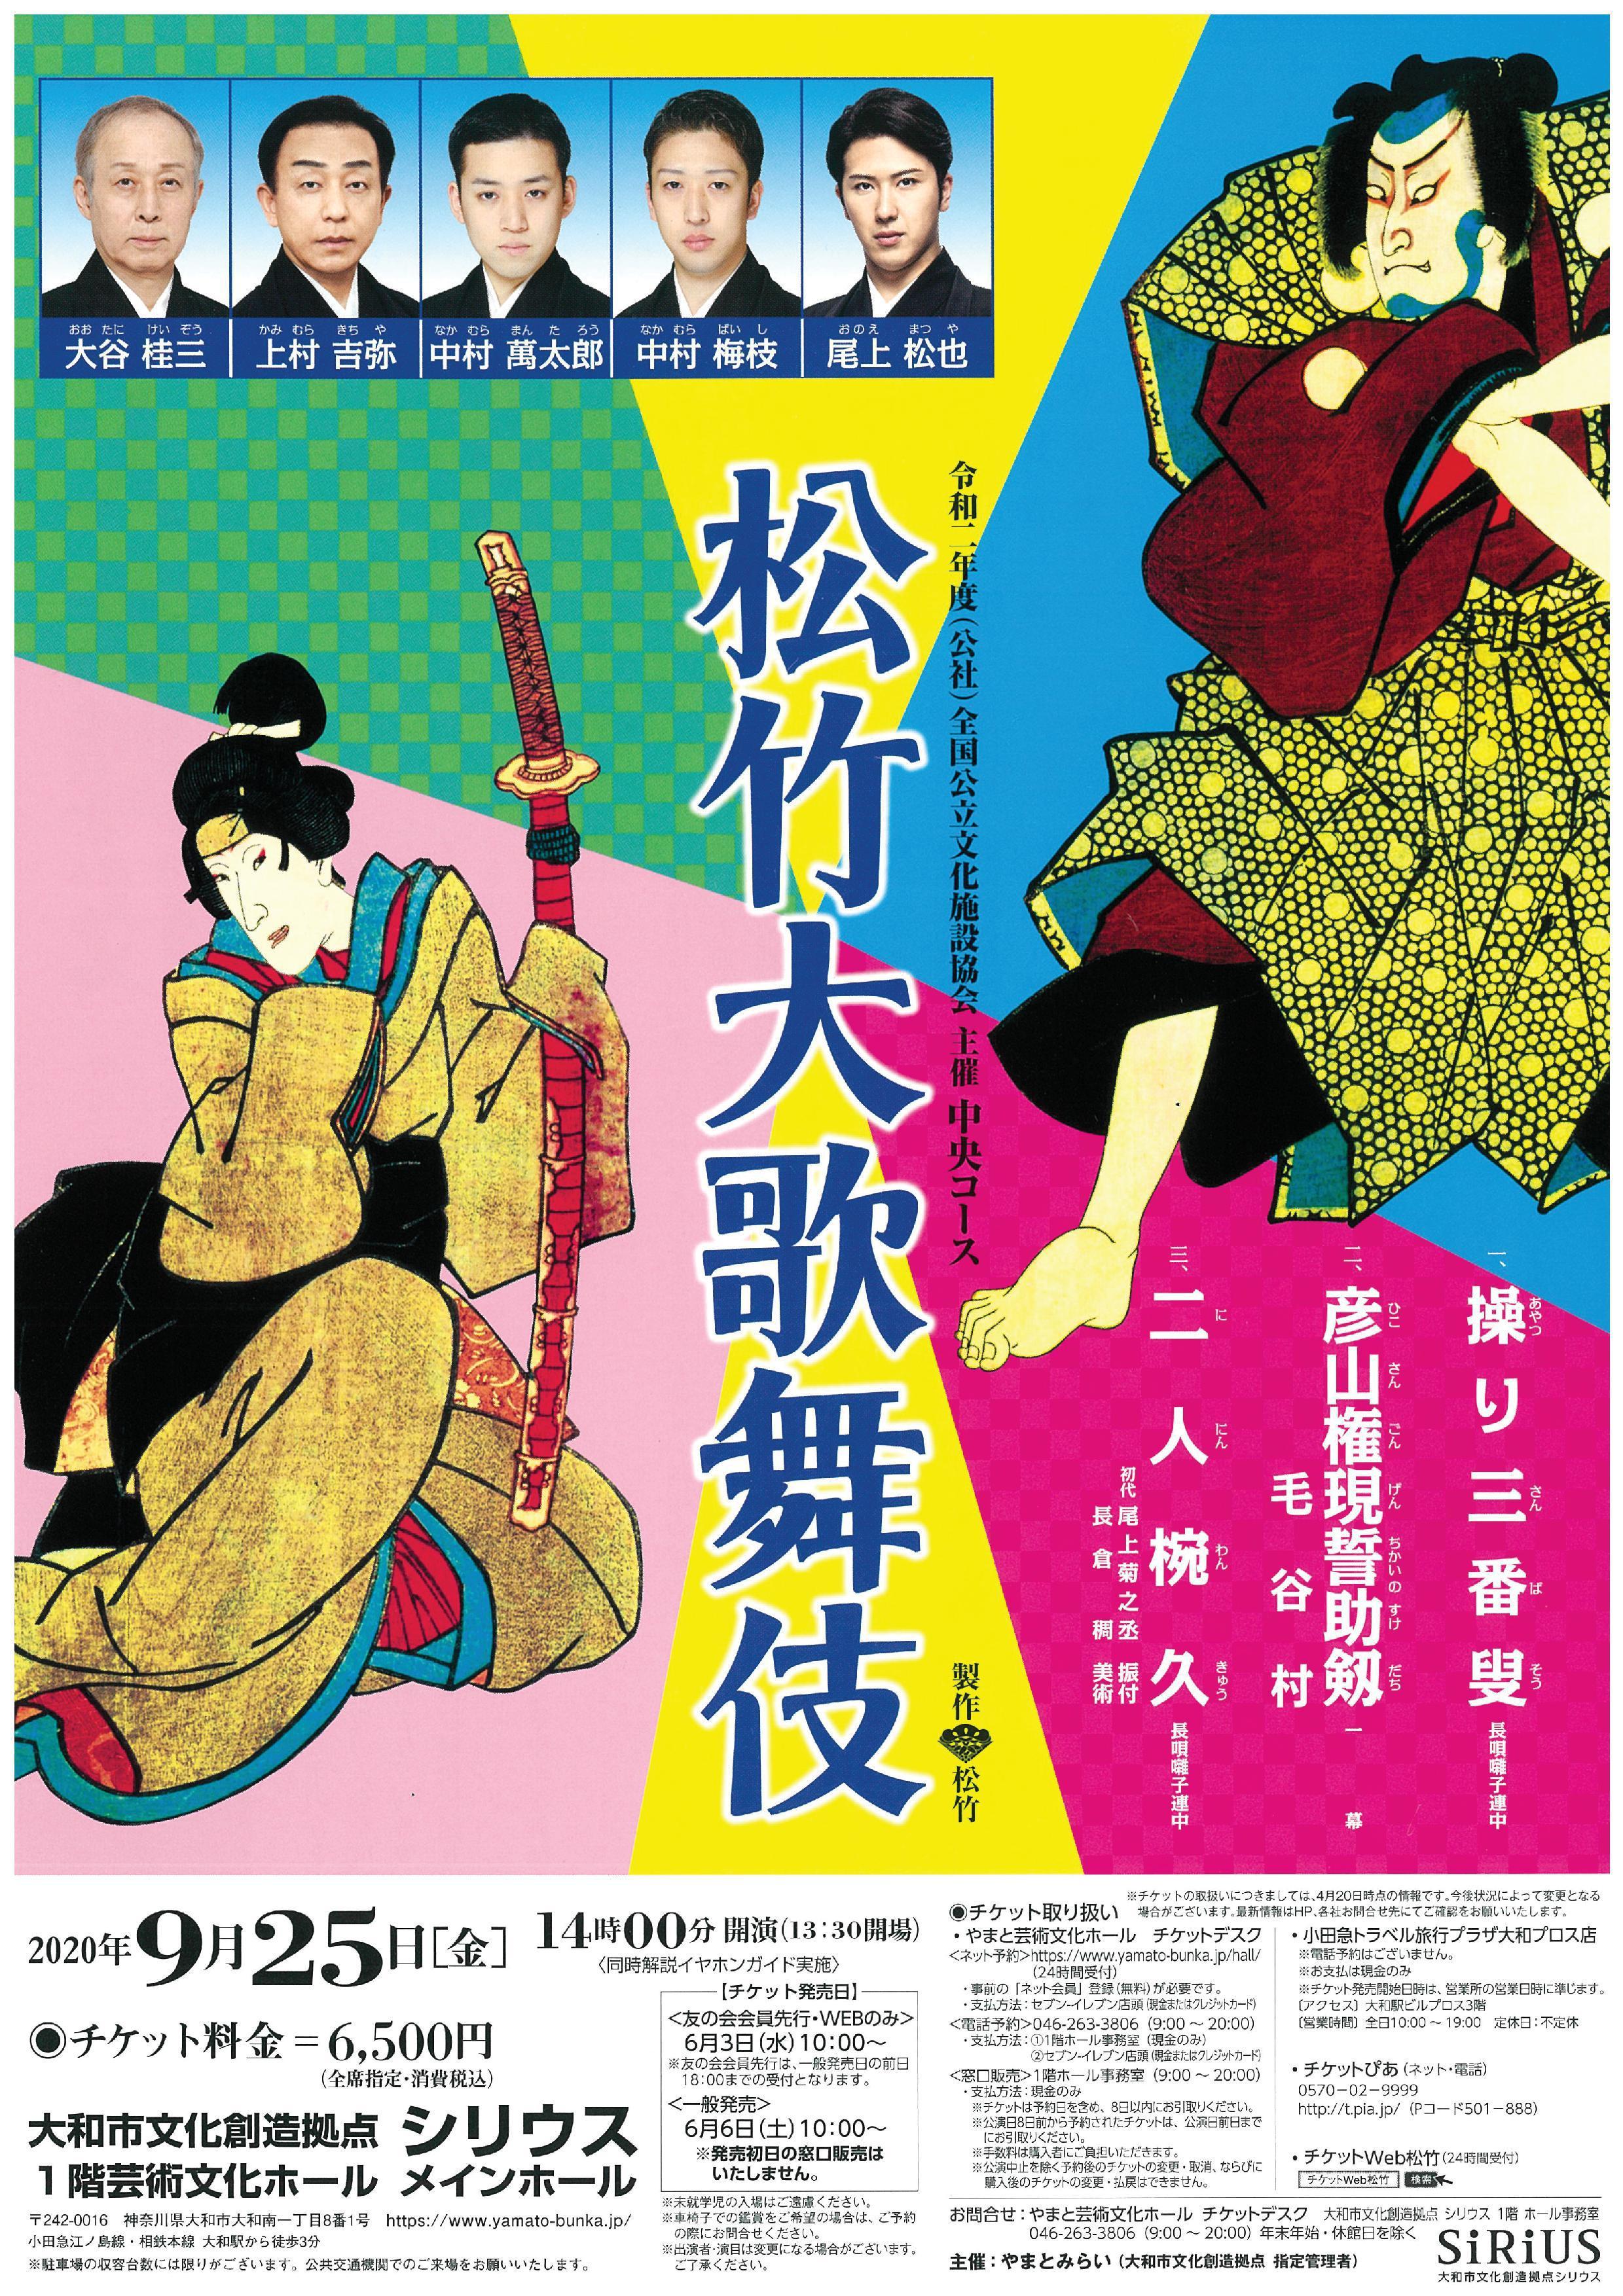 【公演中止】令和二年度 公文協中央コース松竹大歌舞伎